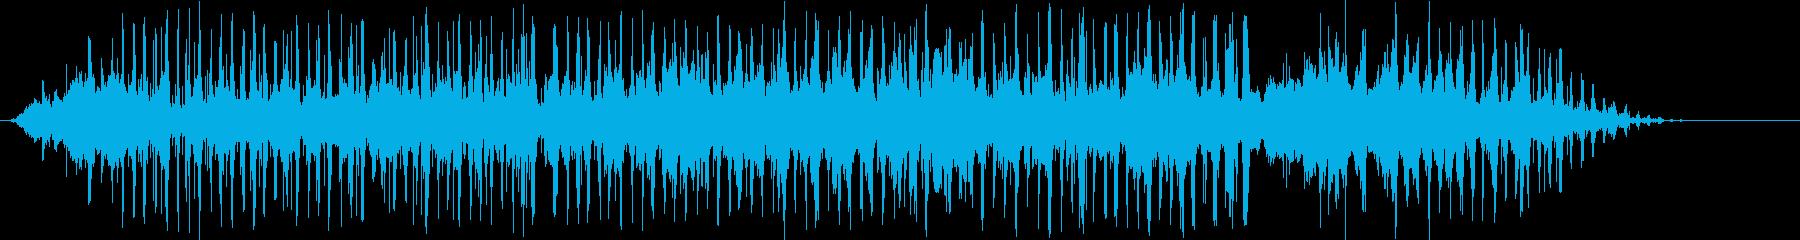 エルロシオ拍手とヤシの木の再生済みの波形